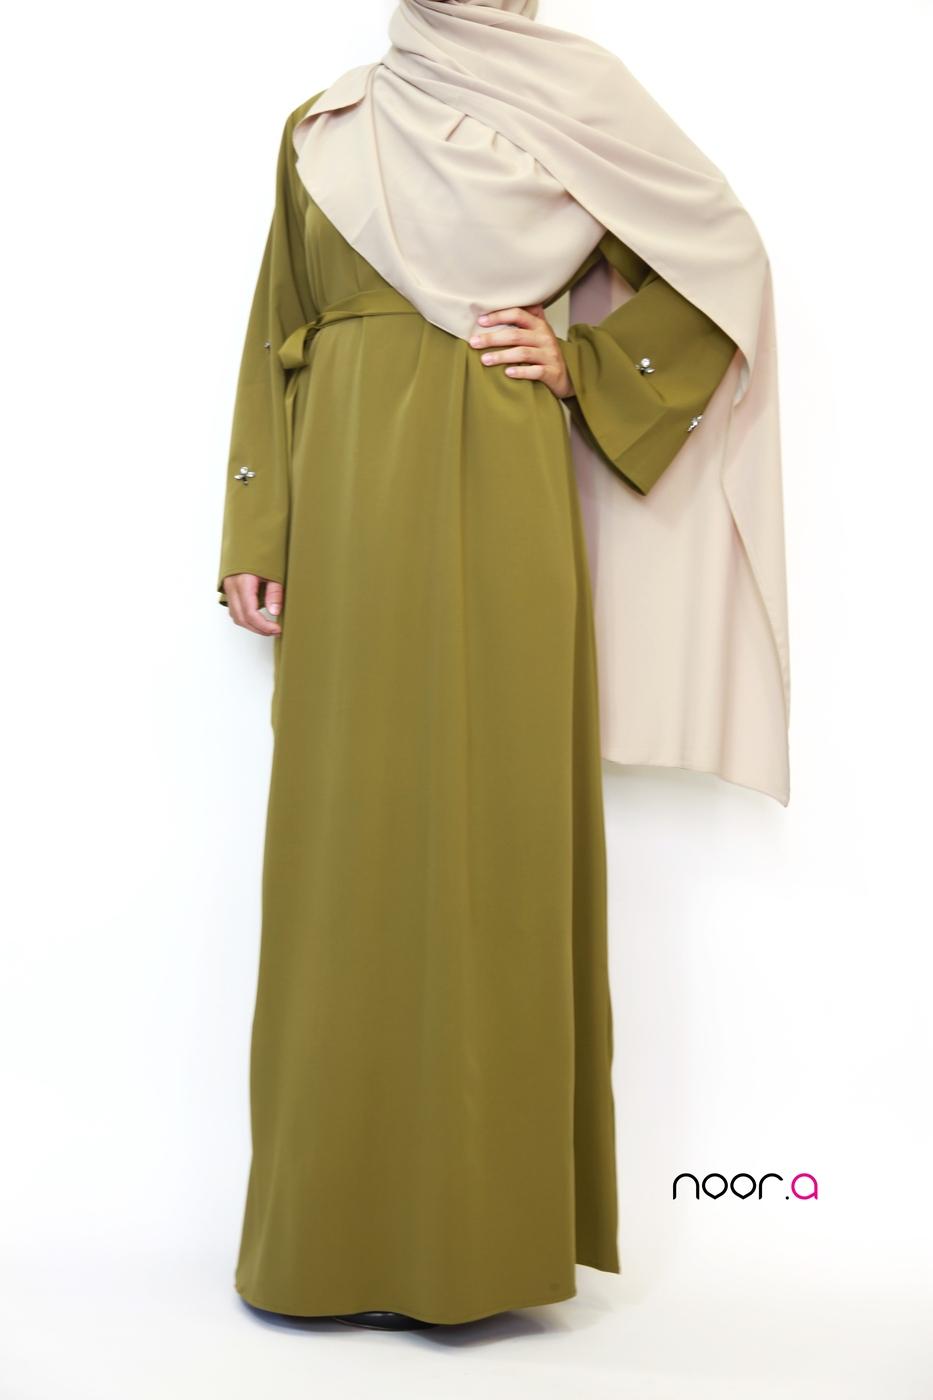 robe-abaya-ambre-creations-noora-vert-olive-hijab-soie-de-medine-beige (5)